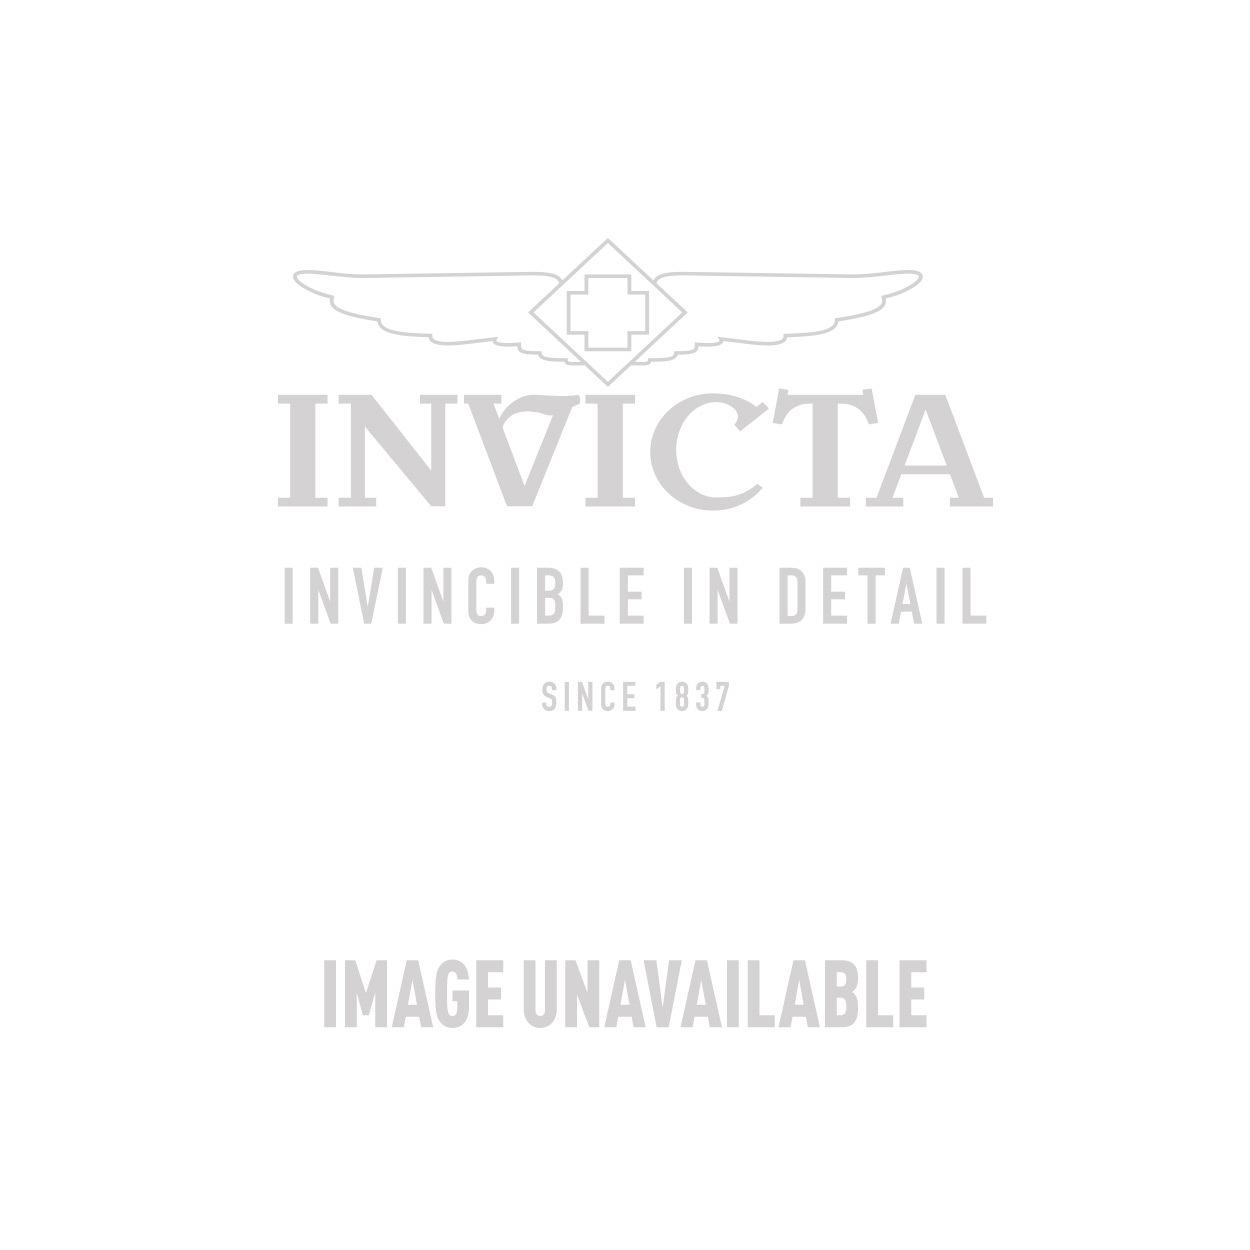 Invicta Model 29642